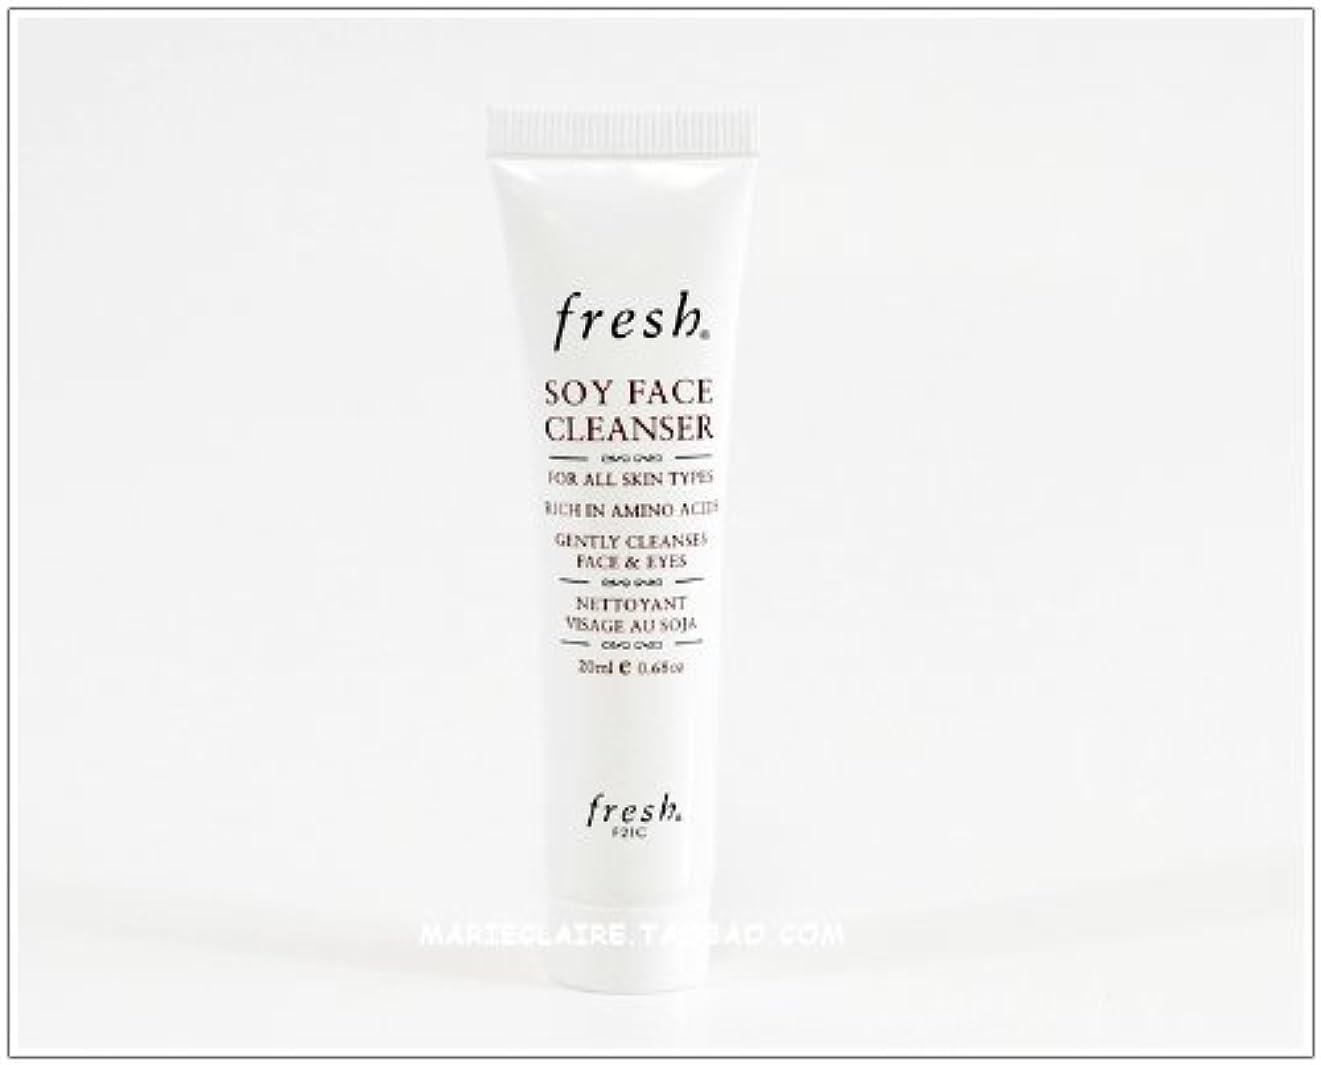 質量一致リマFresh SOY FACE CLEANSER (フレッシュ ソイ フェイス クレンザー) 0.6 oz (20ml) トラベルサイズ by Fresh for Women